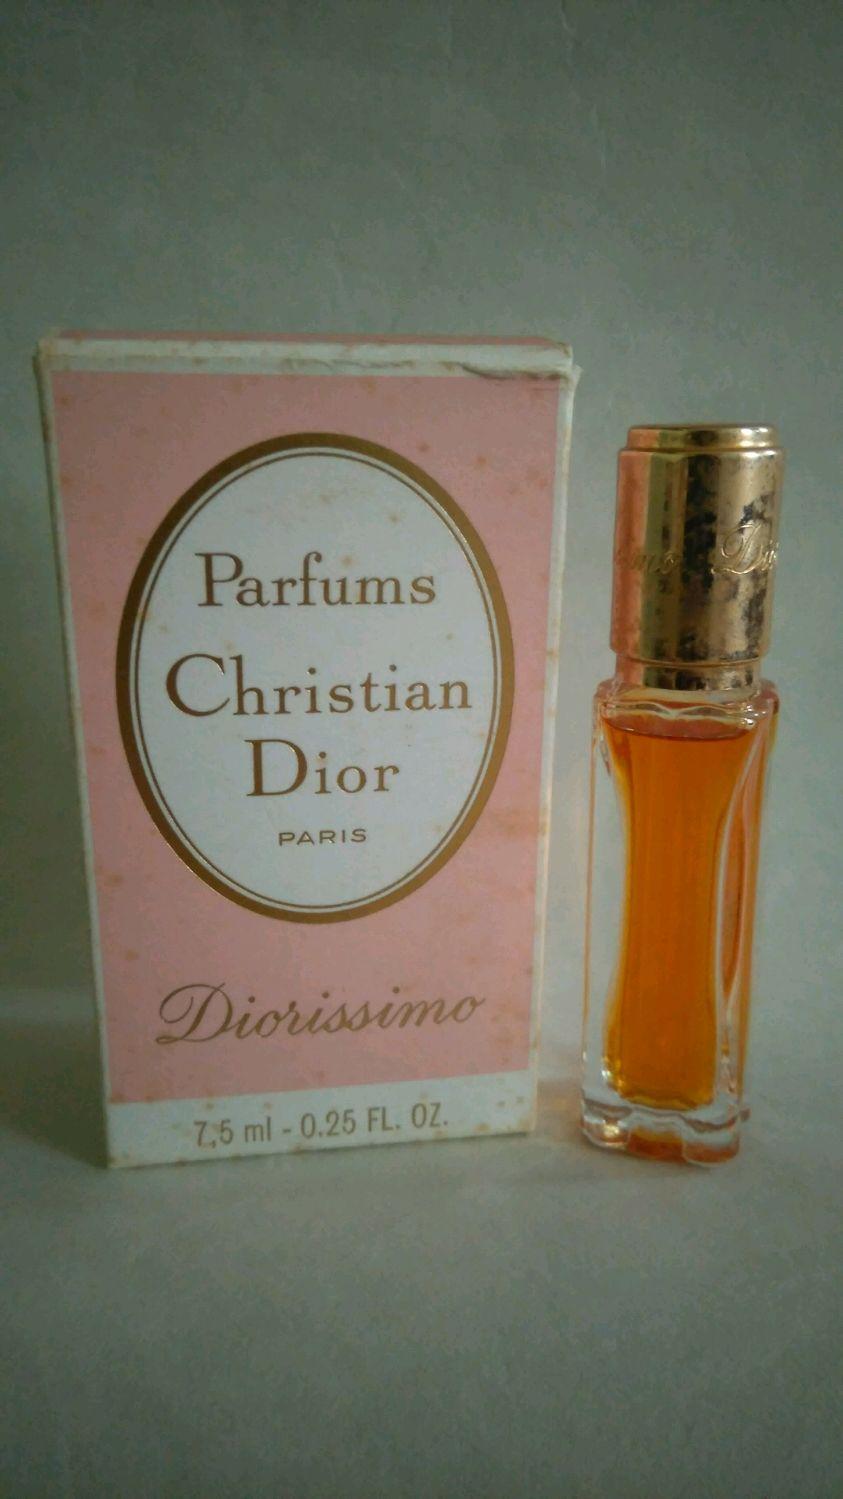 Винтаж: Diorissimo Christian Dior 7,5 мл чистейшие духи, Духи винтажные, Минеральные Воды,  Фото №1